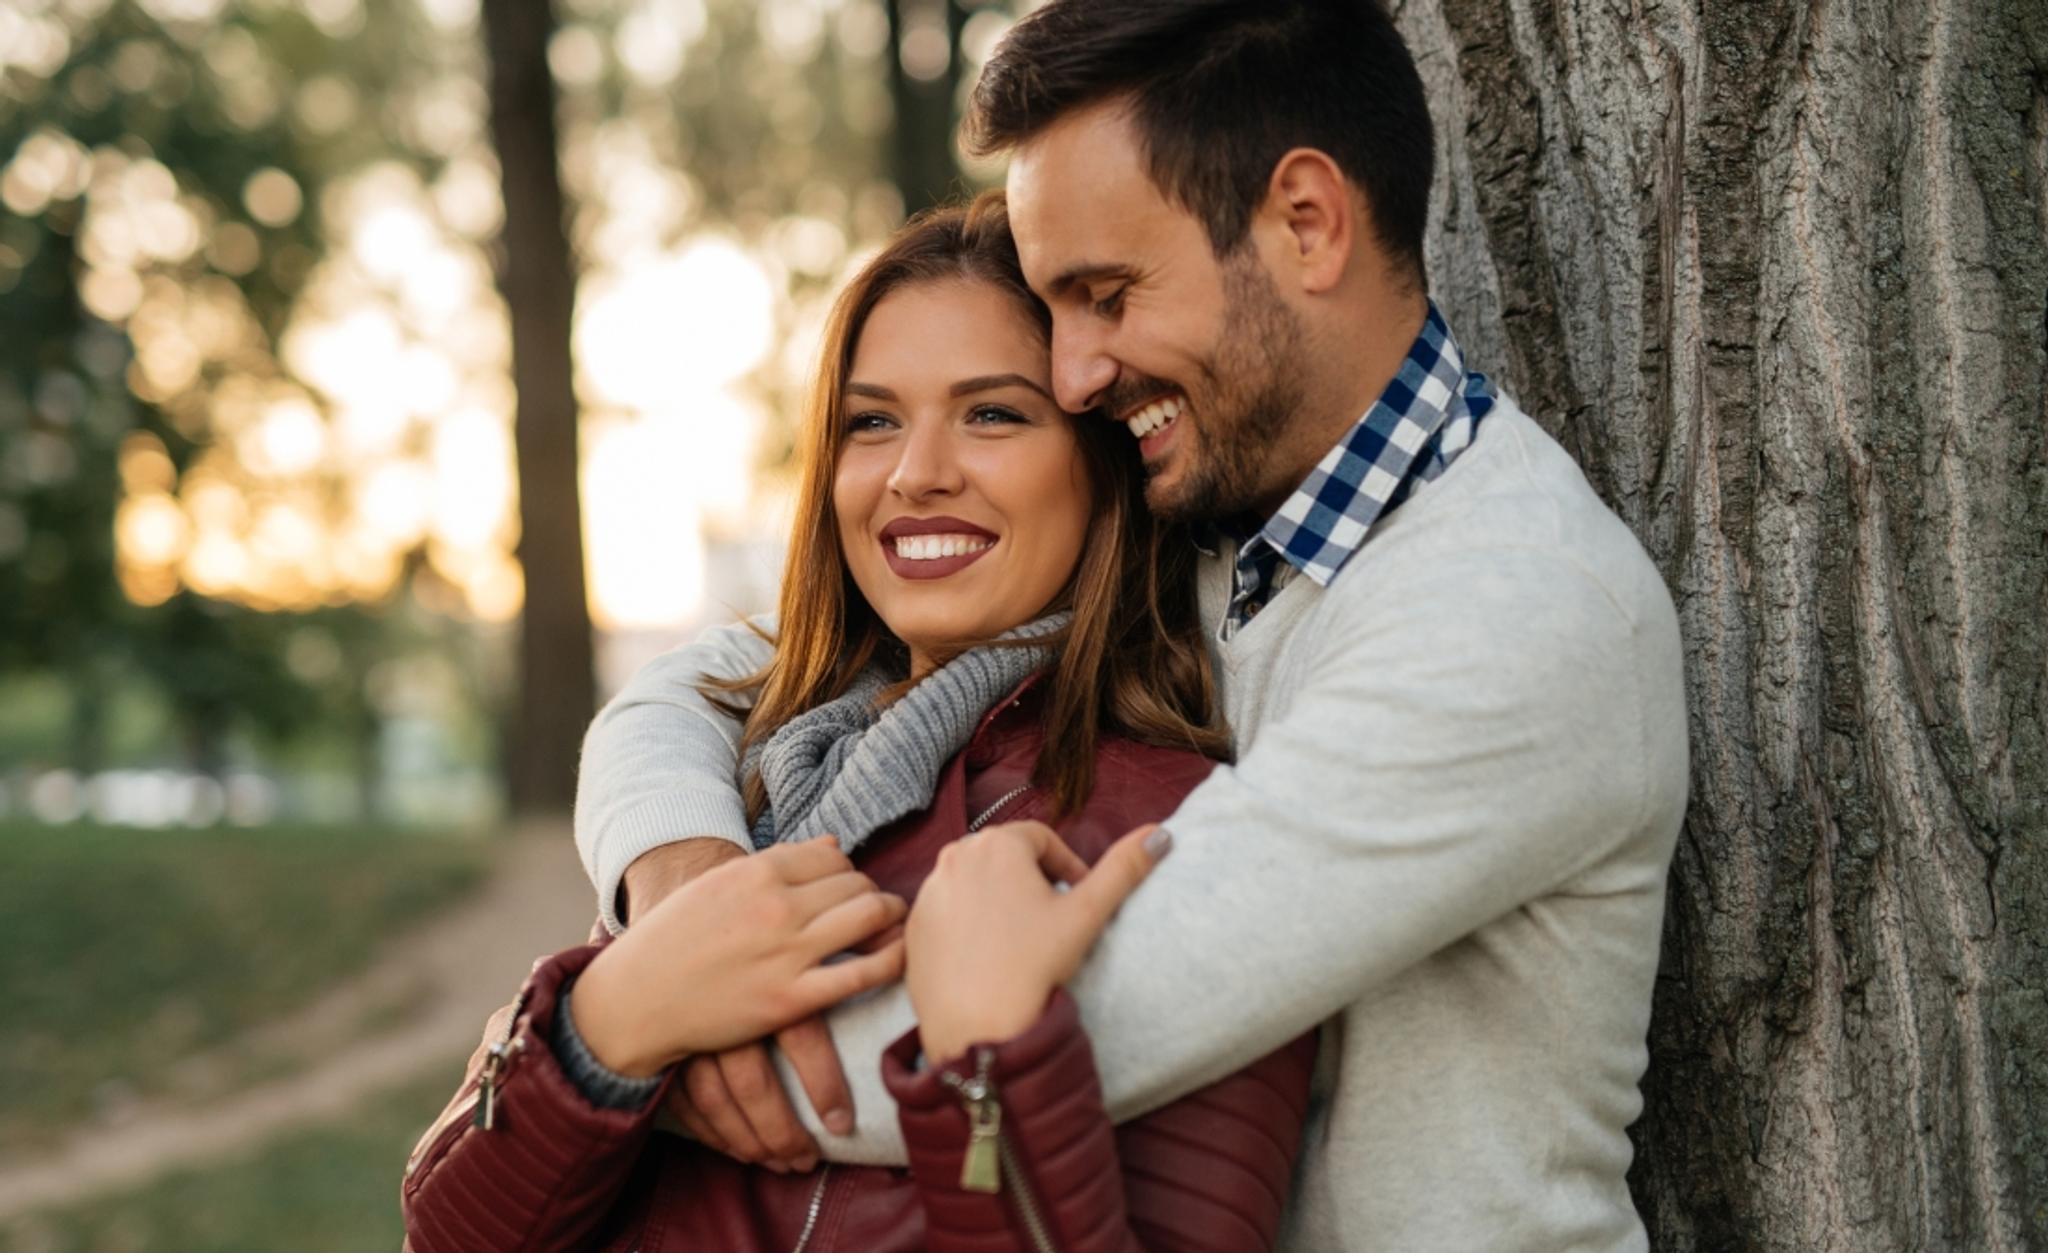 Tunnetaan dating guru, James toimii yksilöllisesti singleä kehittämään.